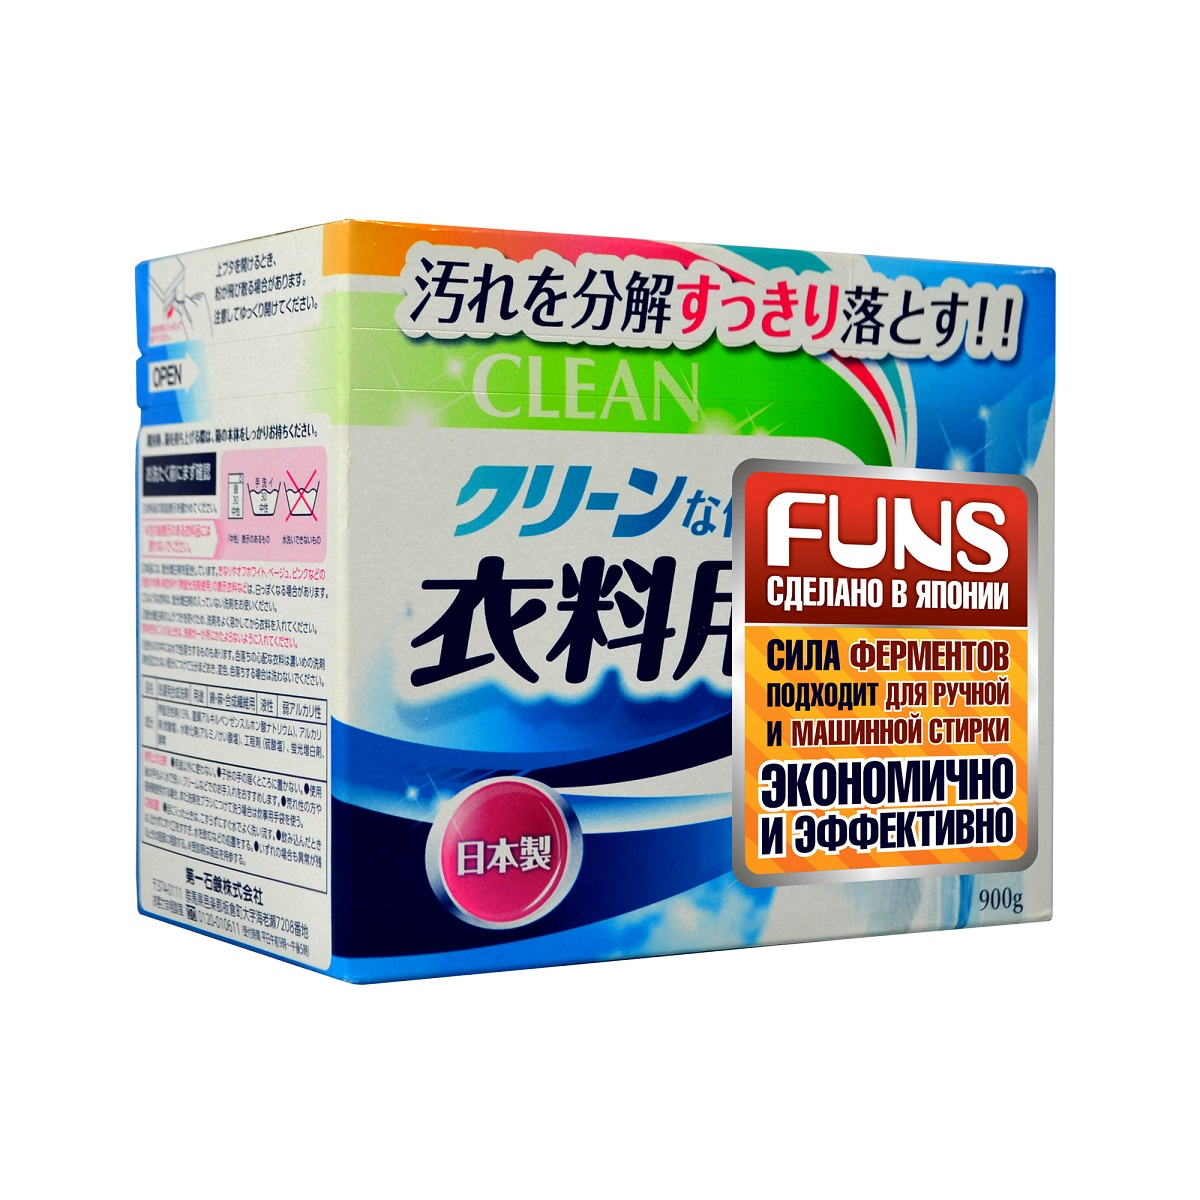 FUNS Clean Порошок стиральный с ферментом яичного белка для полного устранения пятен 900 г38452Стиральный порошок Funs Clean очищает, с помощью фермента яичного белка проникает вглубь волокон, устраняя даже застарелые пятна. Обладает нежным цветочным ароматом. Особенно эффективно очищает воротники и манжеты рубашек. Подходит как для ручной, так и машинной стирки. Настоящее японское качество для ваших вещей. Состав: ПАВ (13%, натрия линейный алкилбензолсульфокислота), щелочной агент (карбонат), алюмосиликат (для смягчения воды), сульфаты, смягчитель, флуоресцентный отбеливающий агент, ферменты.Товар сертифицирован.